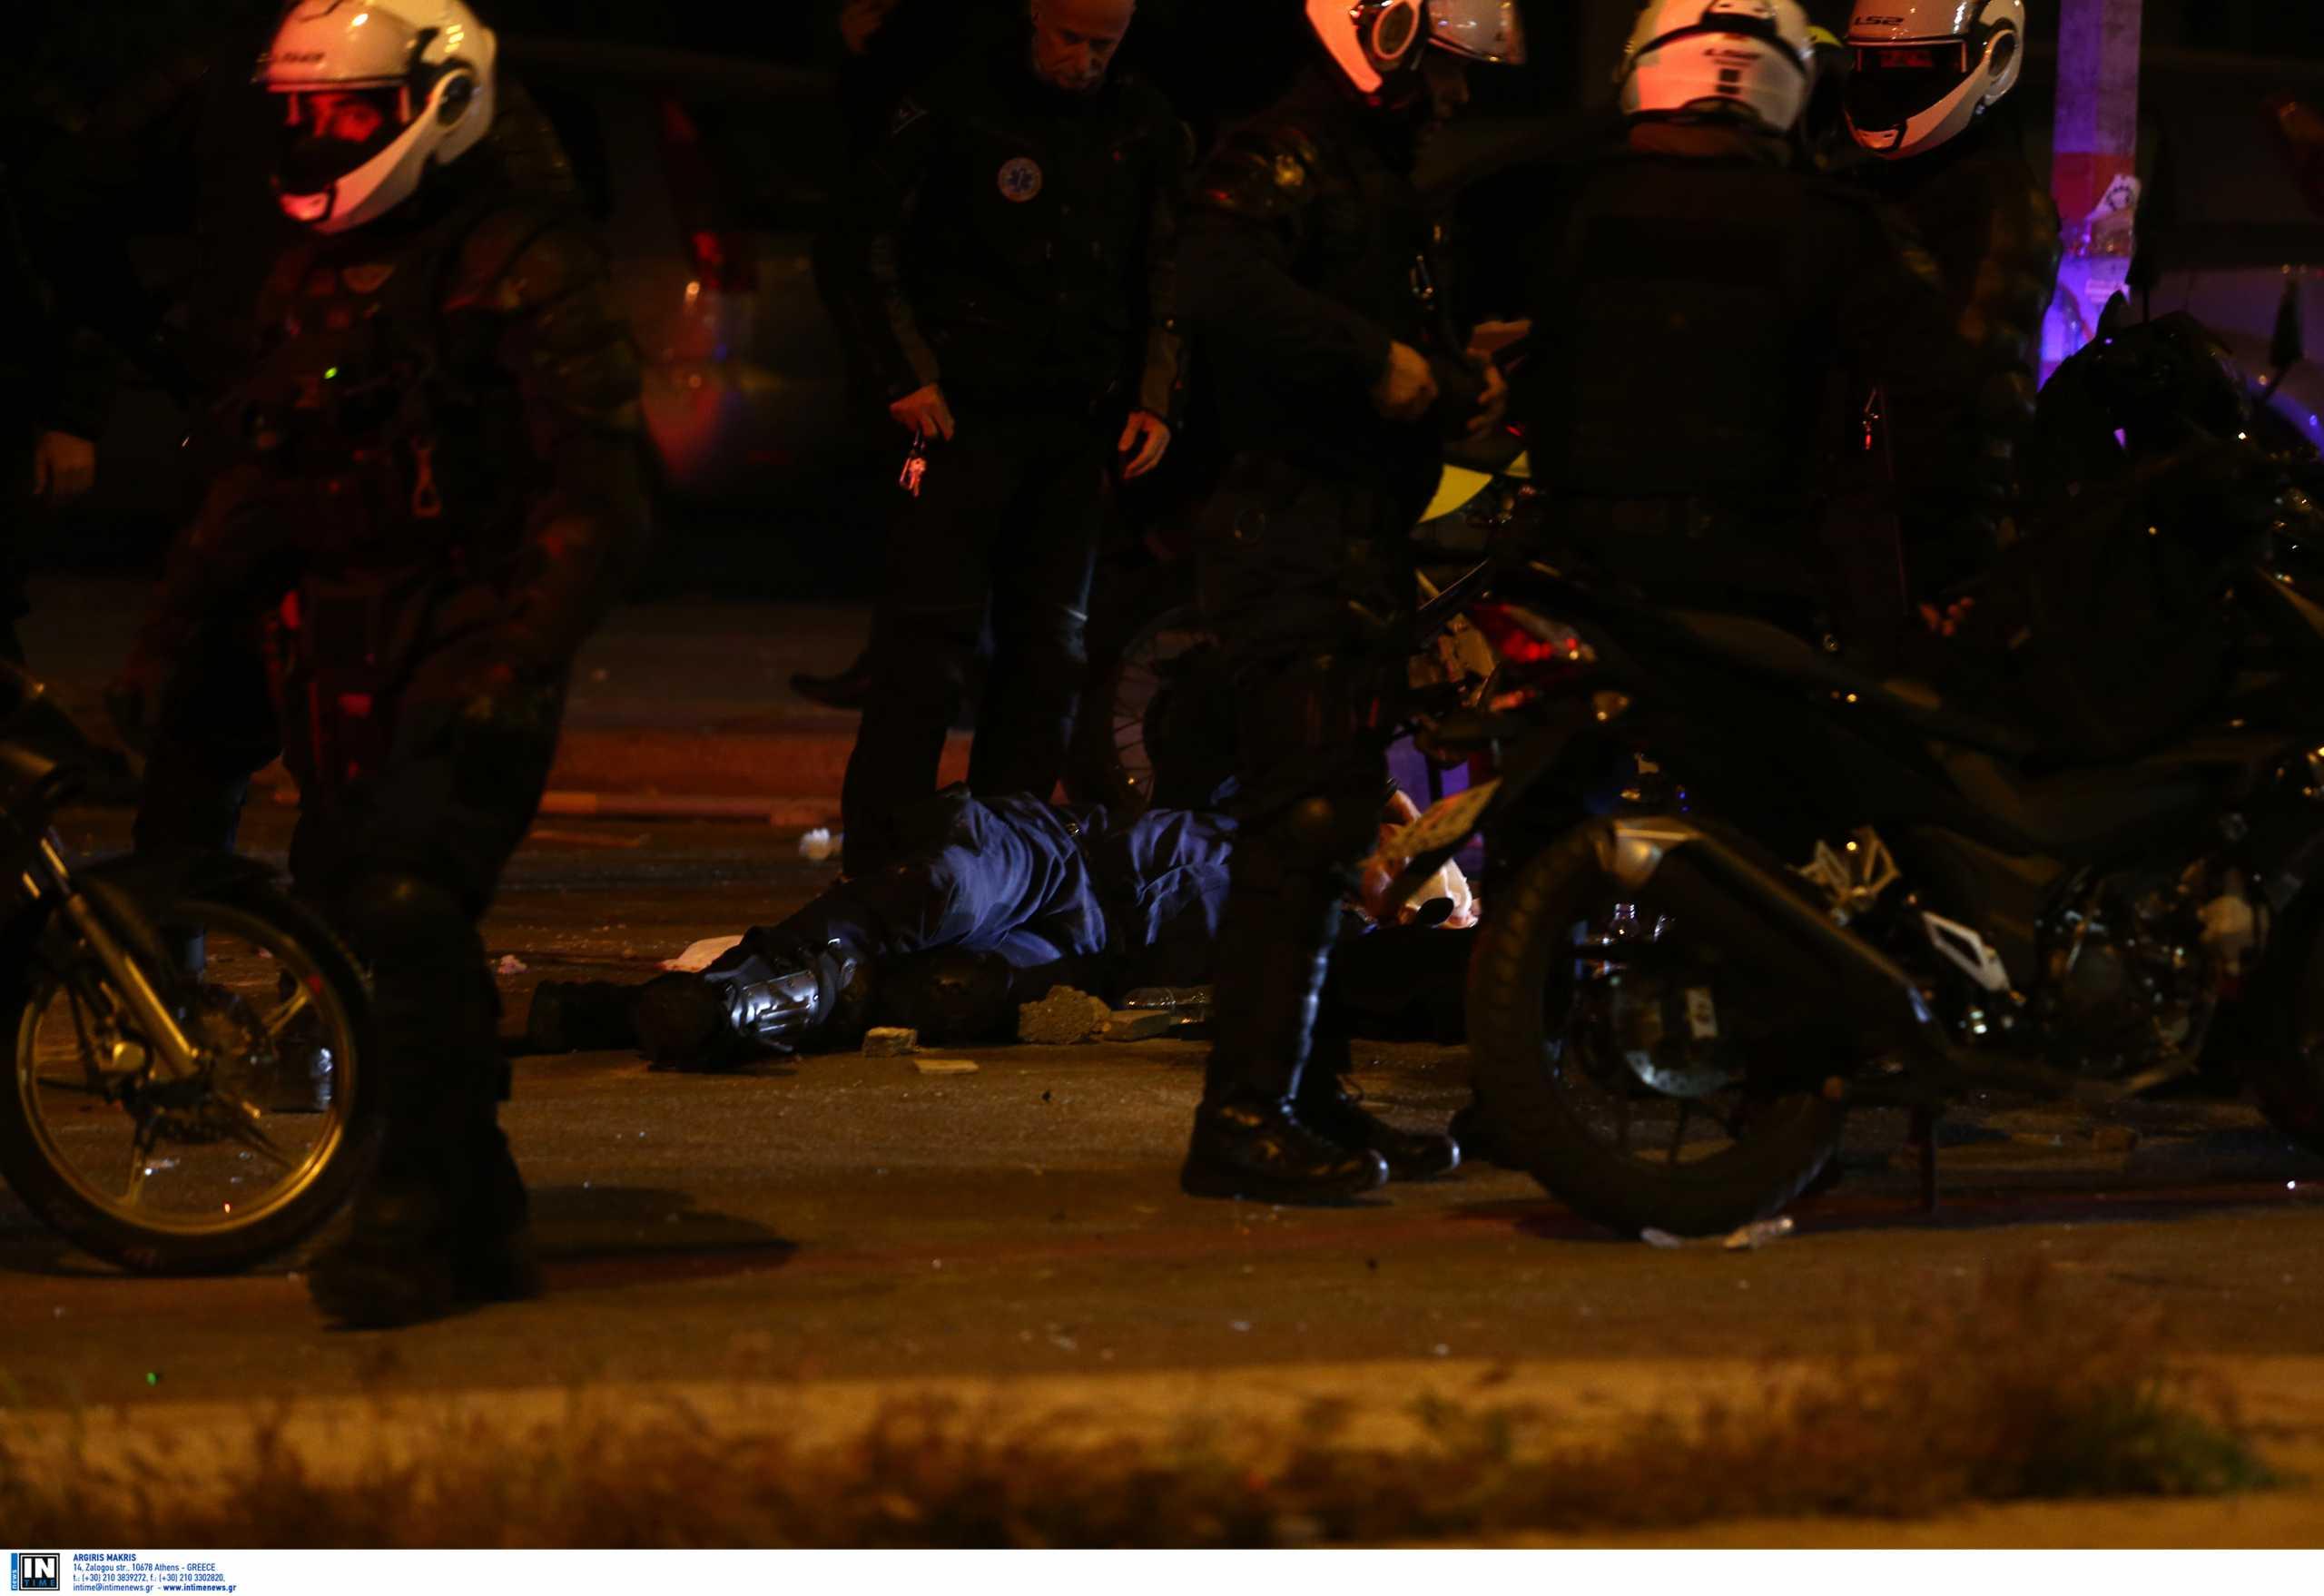 Νέα Σμύρνη: Ομόθυμη καταδίκη του τραυματισμού του αστυνομικού από τα πολιτικά κόμματα